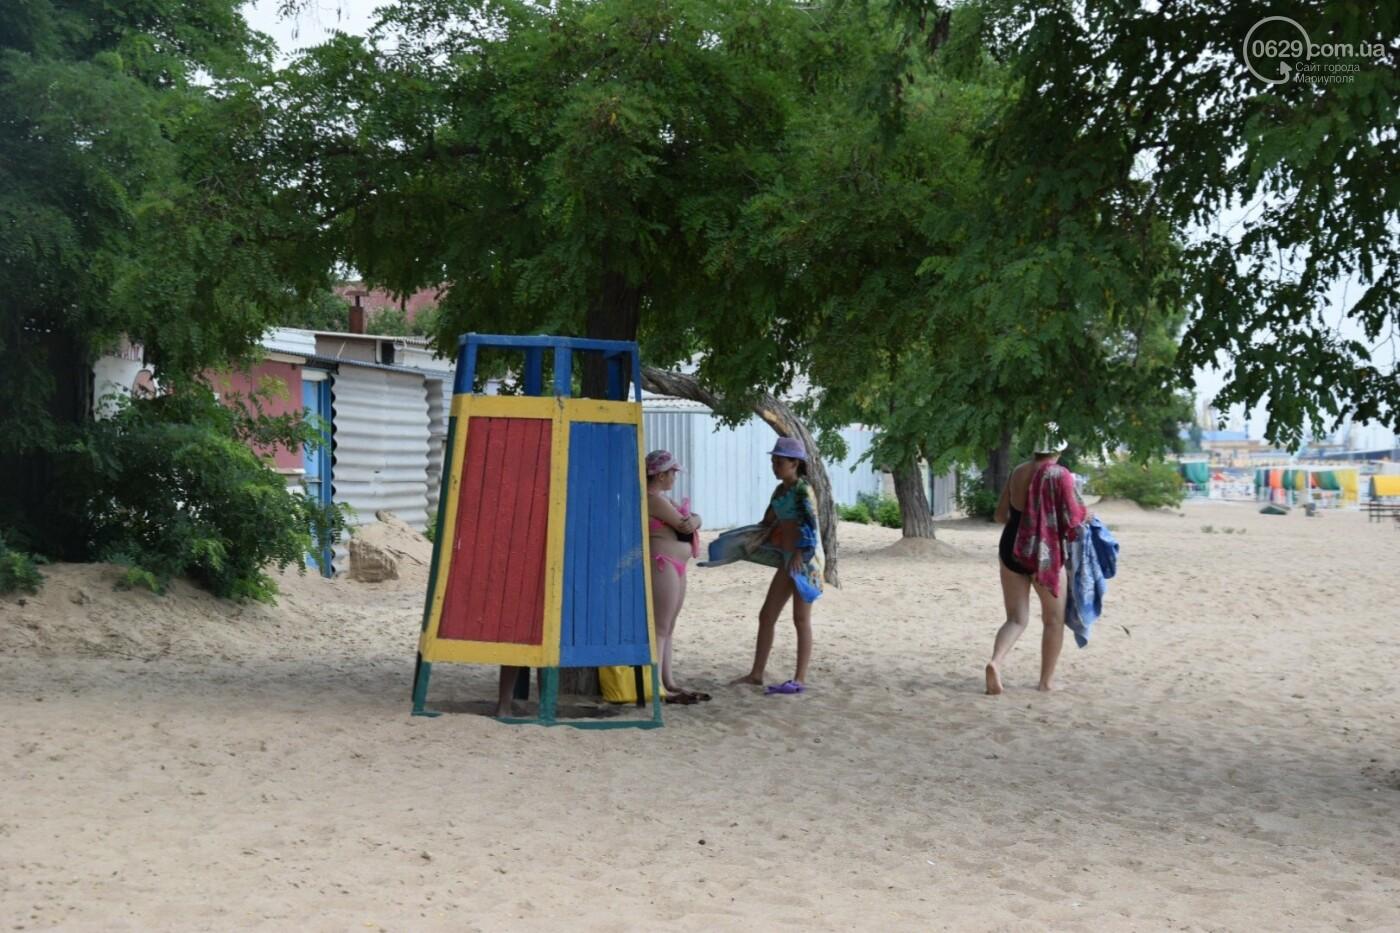 ТОП лучших пляжей Мариуполя, - ФОТО, фото-172